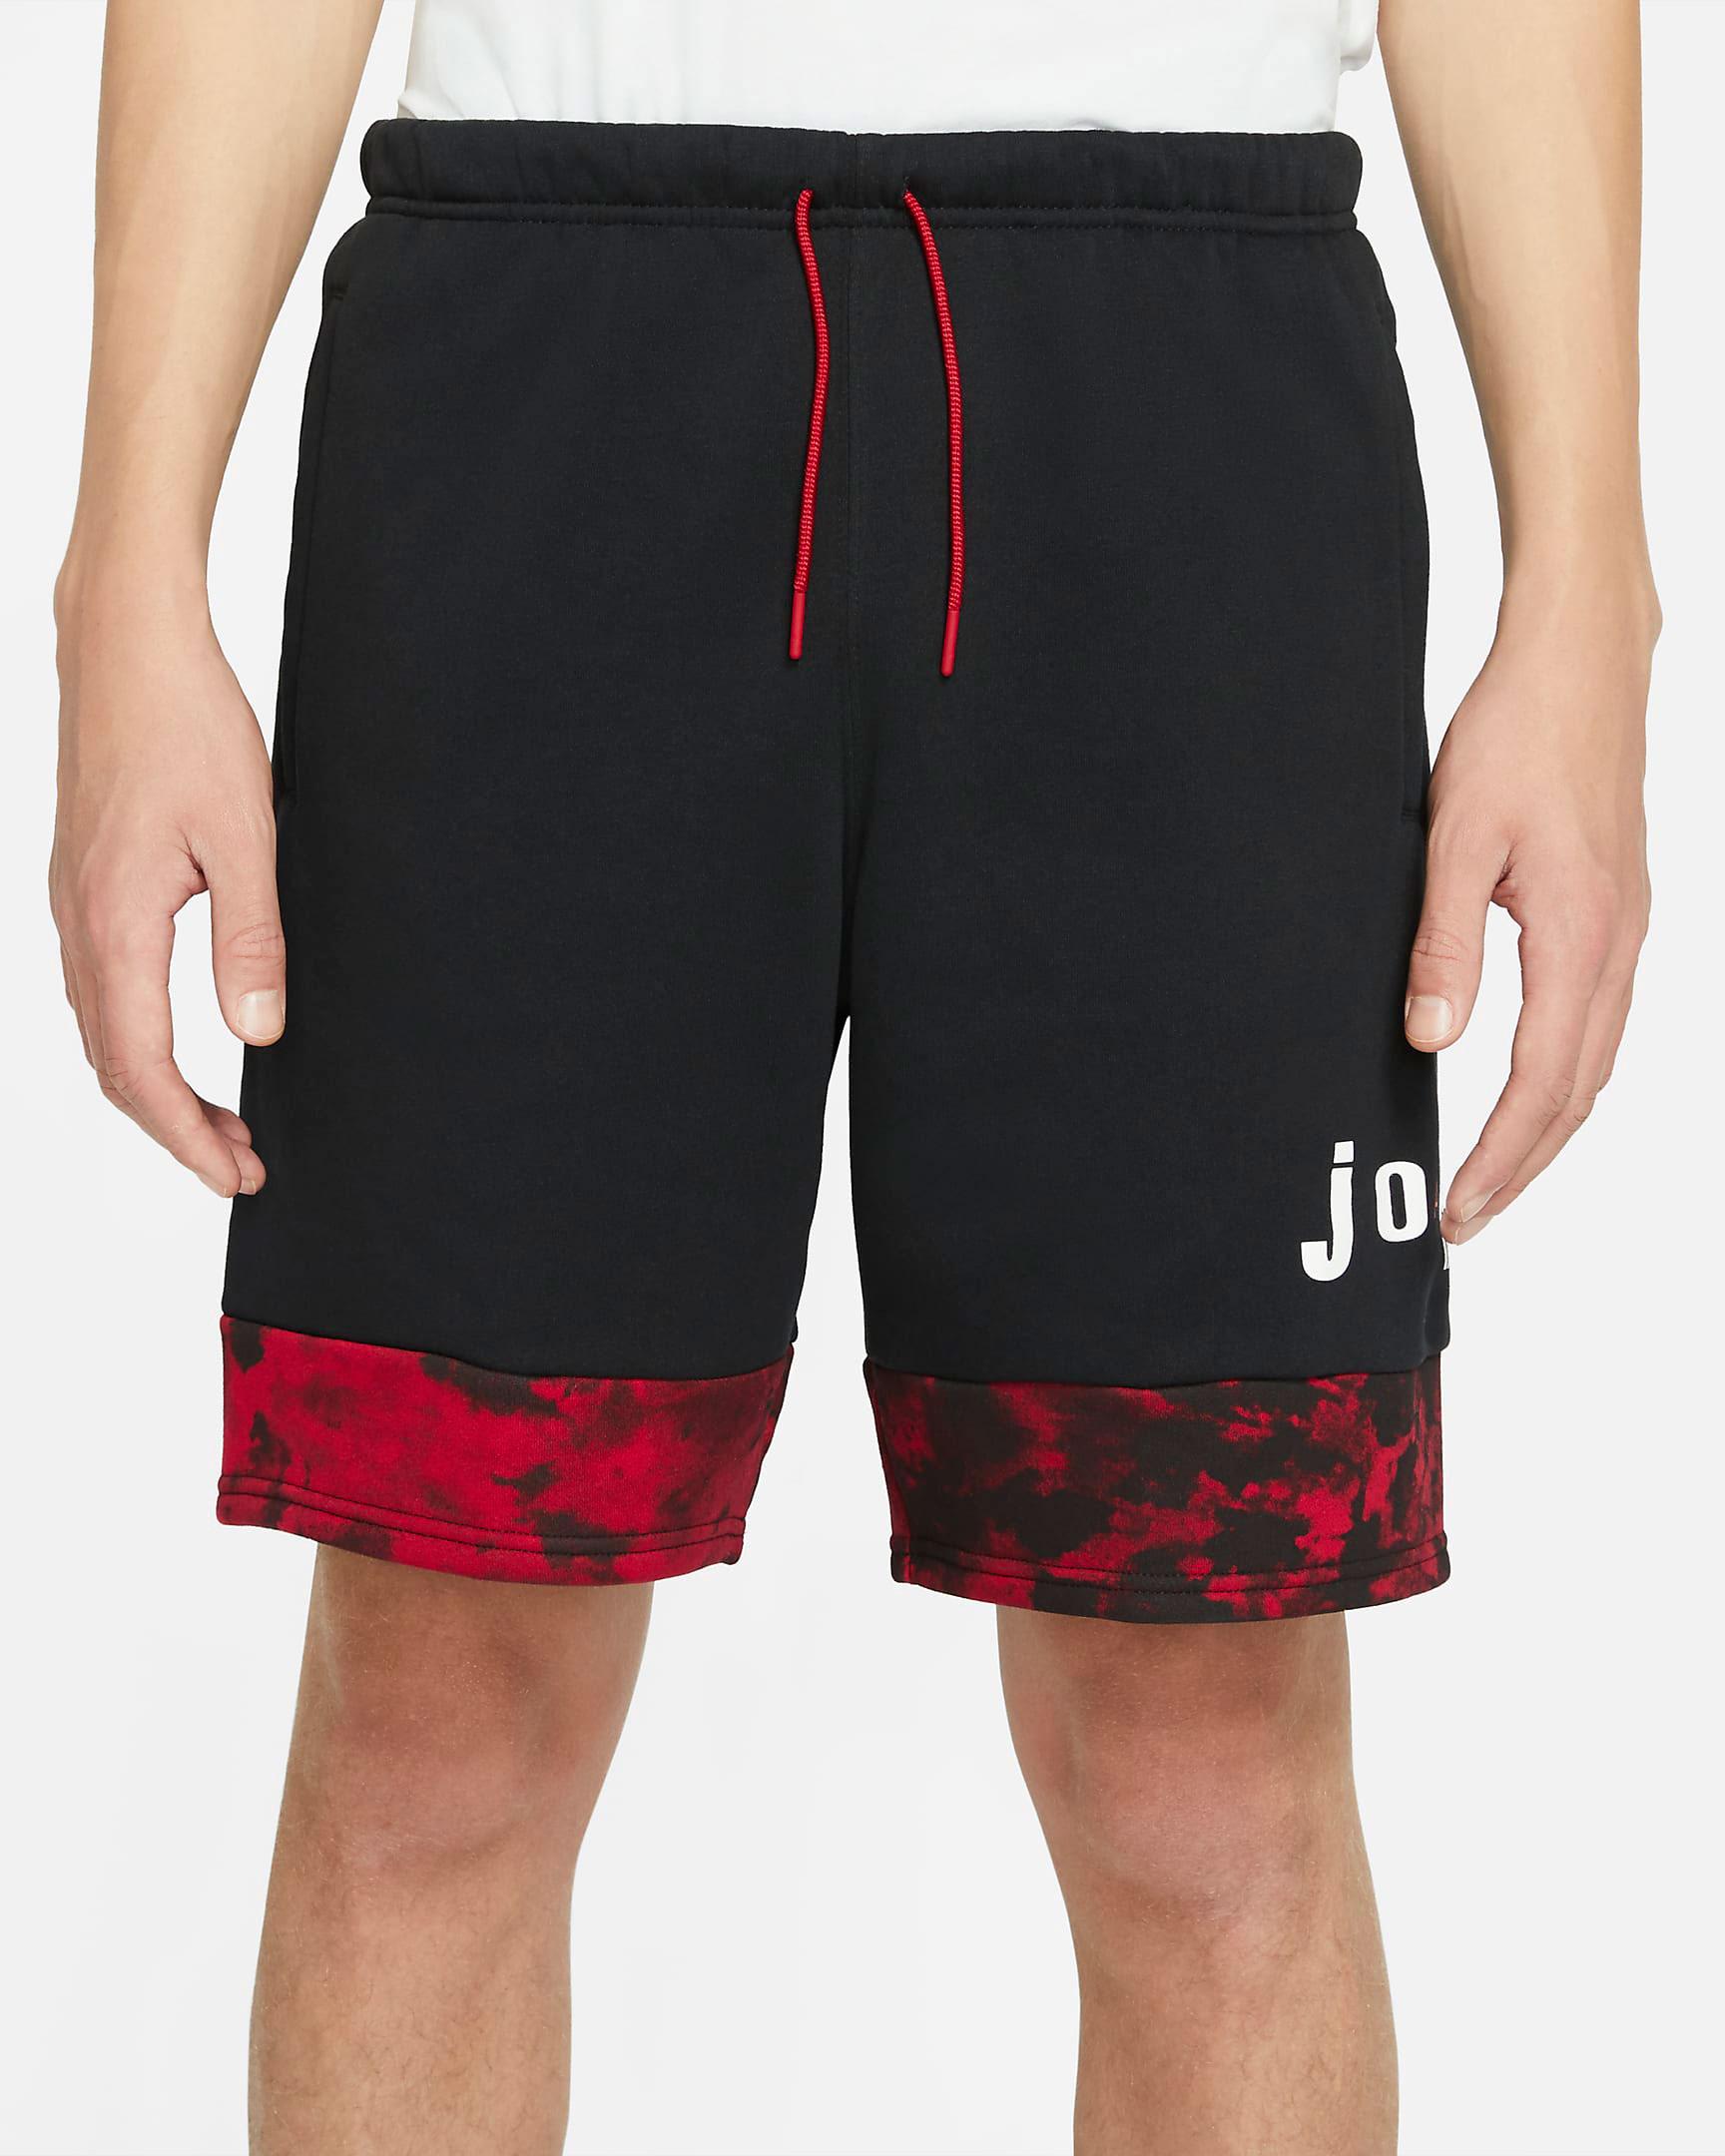 carmine-air-jordan-6-2021-shorts-2